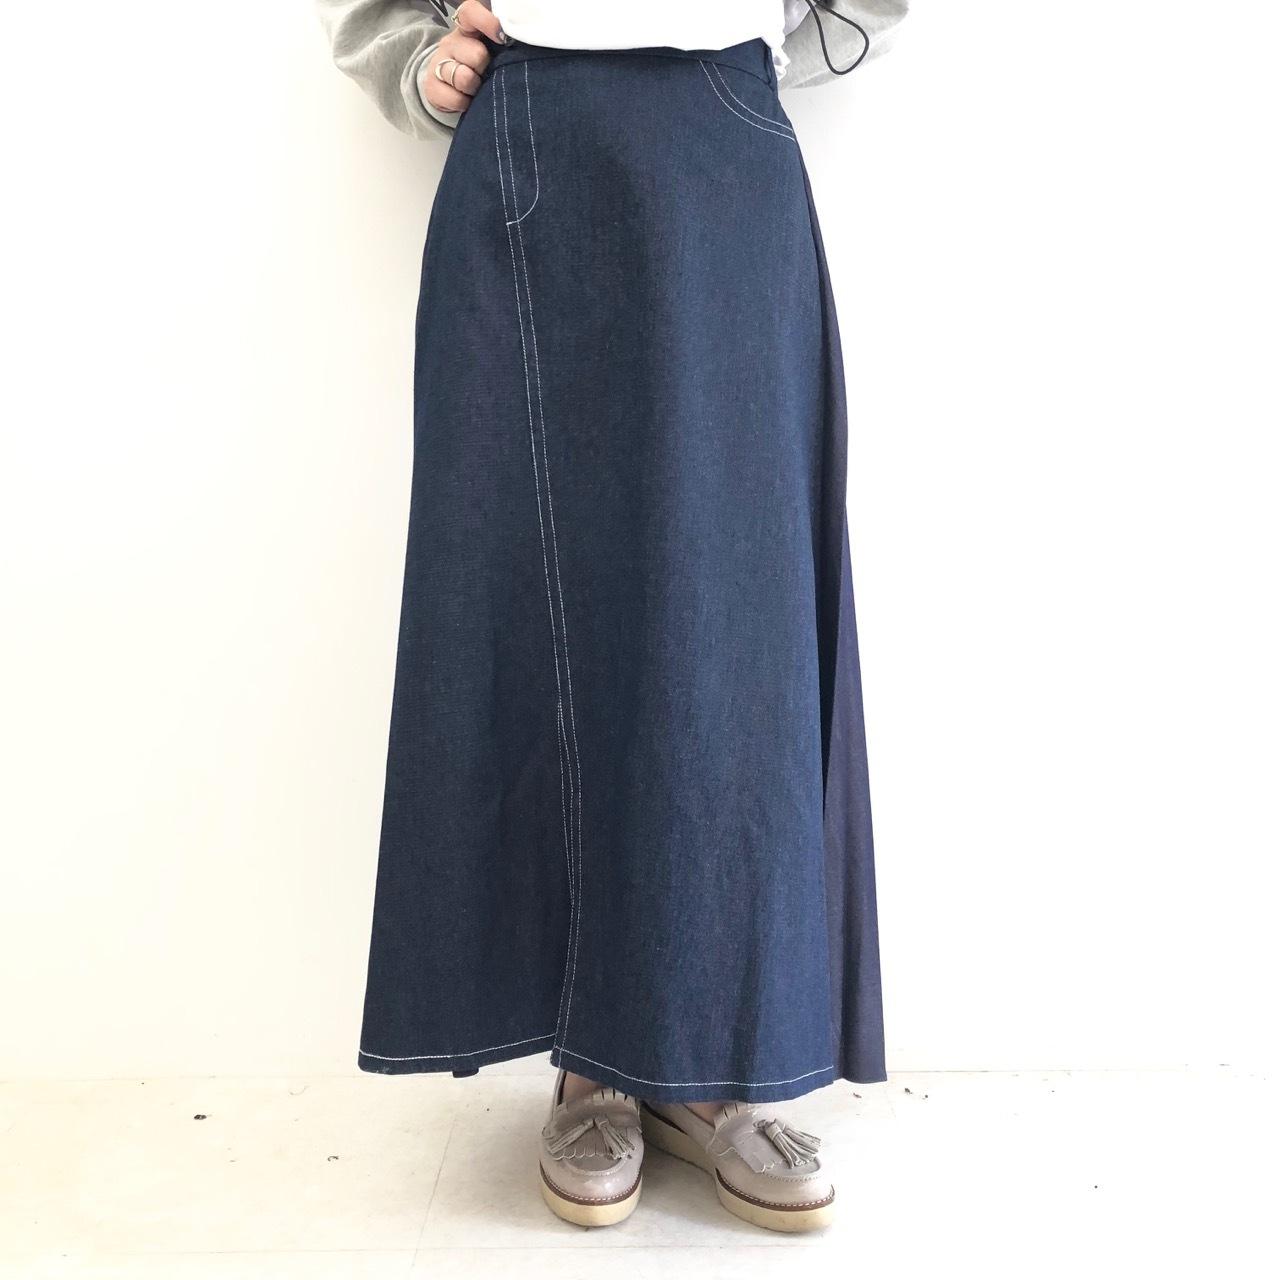 【 ROSIEE 】- 172703 - デニム切り替えプリーツスカート